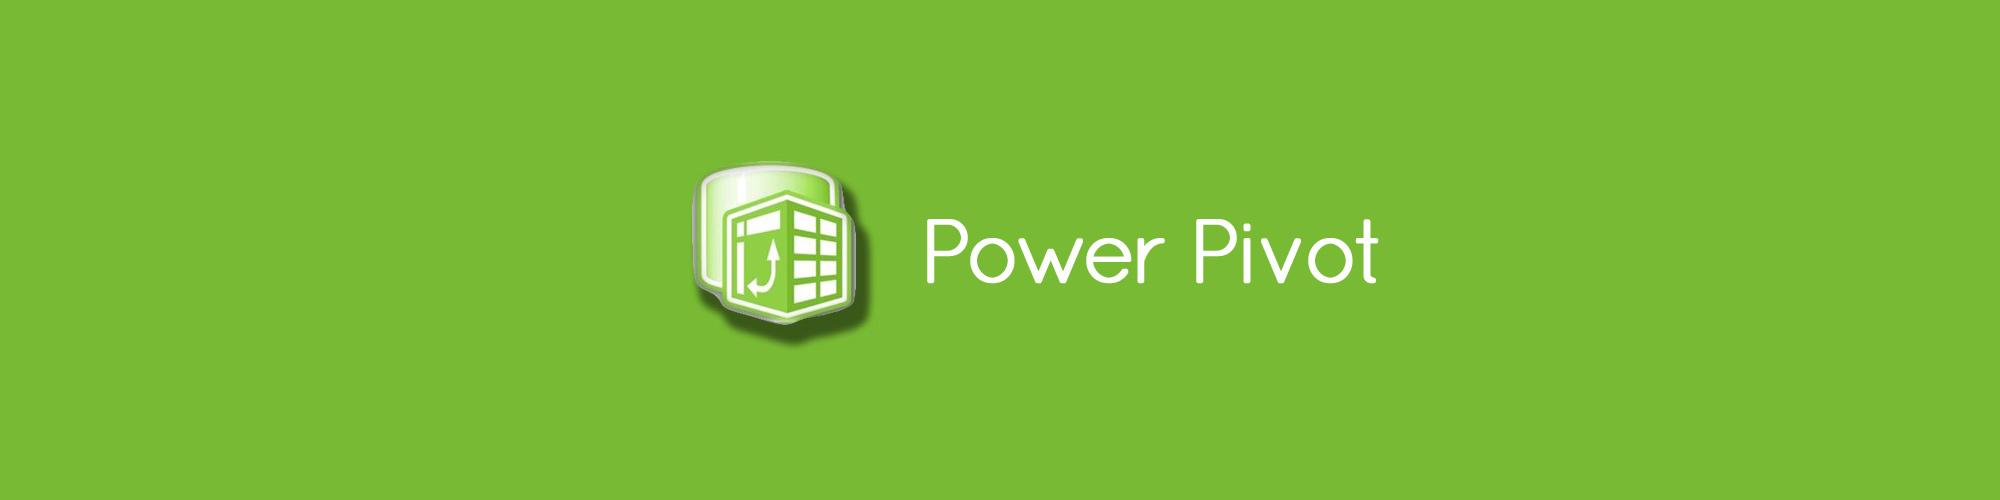 Power Pivot and Pivot Tables